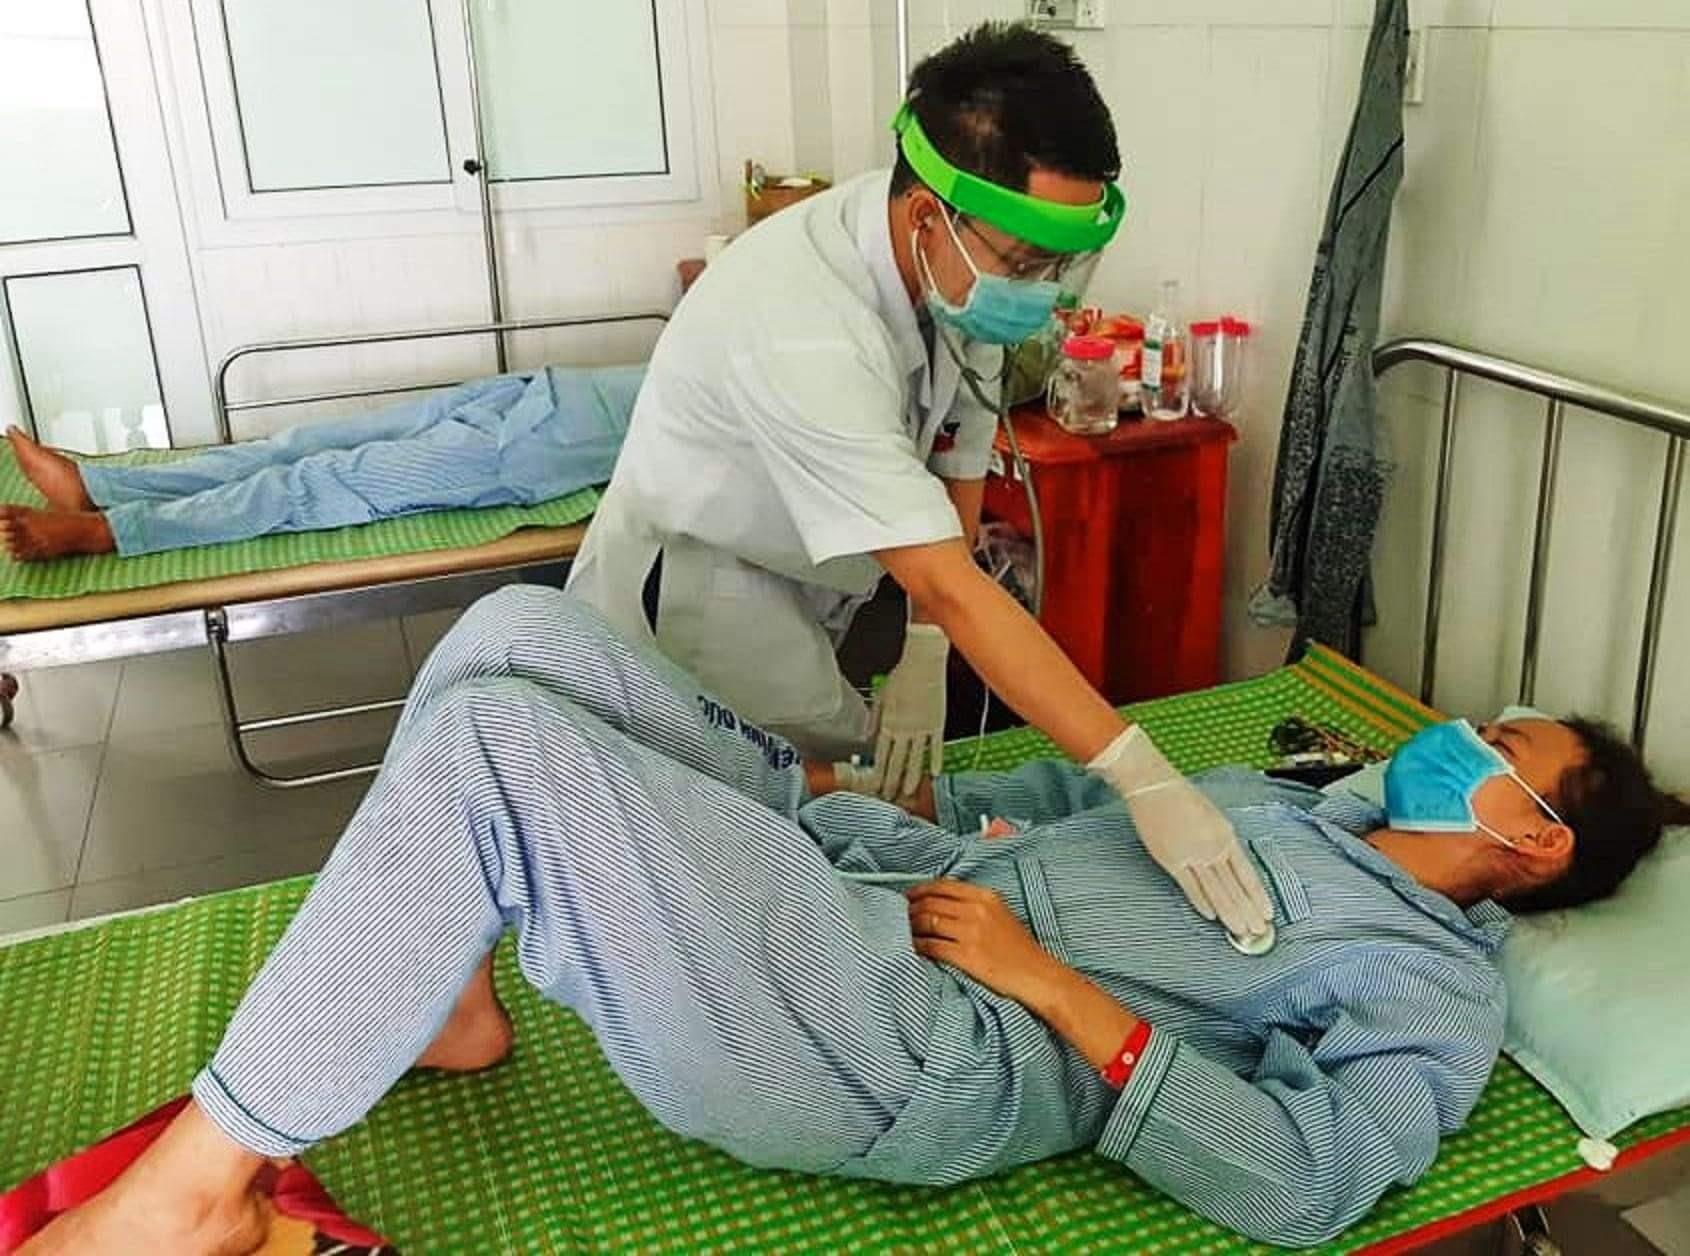 Một trong 3 bệnh nhân nghi ngộ độc sản phẩm pate Minh Chay đang được chăm sóc điều trị tại Bệnh viện Đa khoa Vĩnh Đức. Ảnh: Đ.N